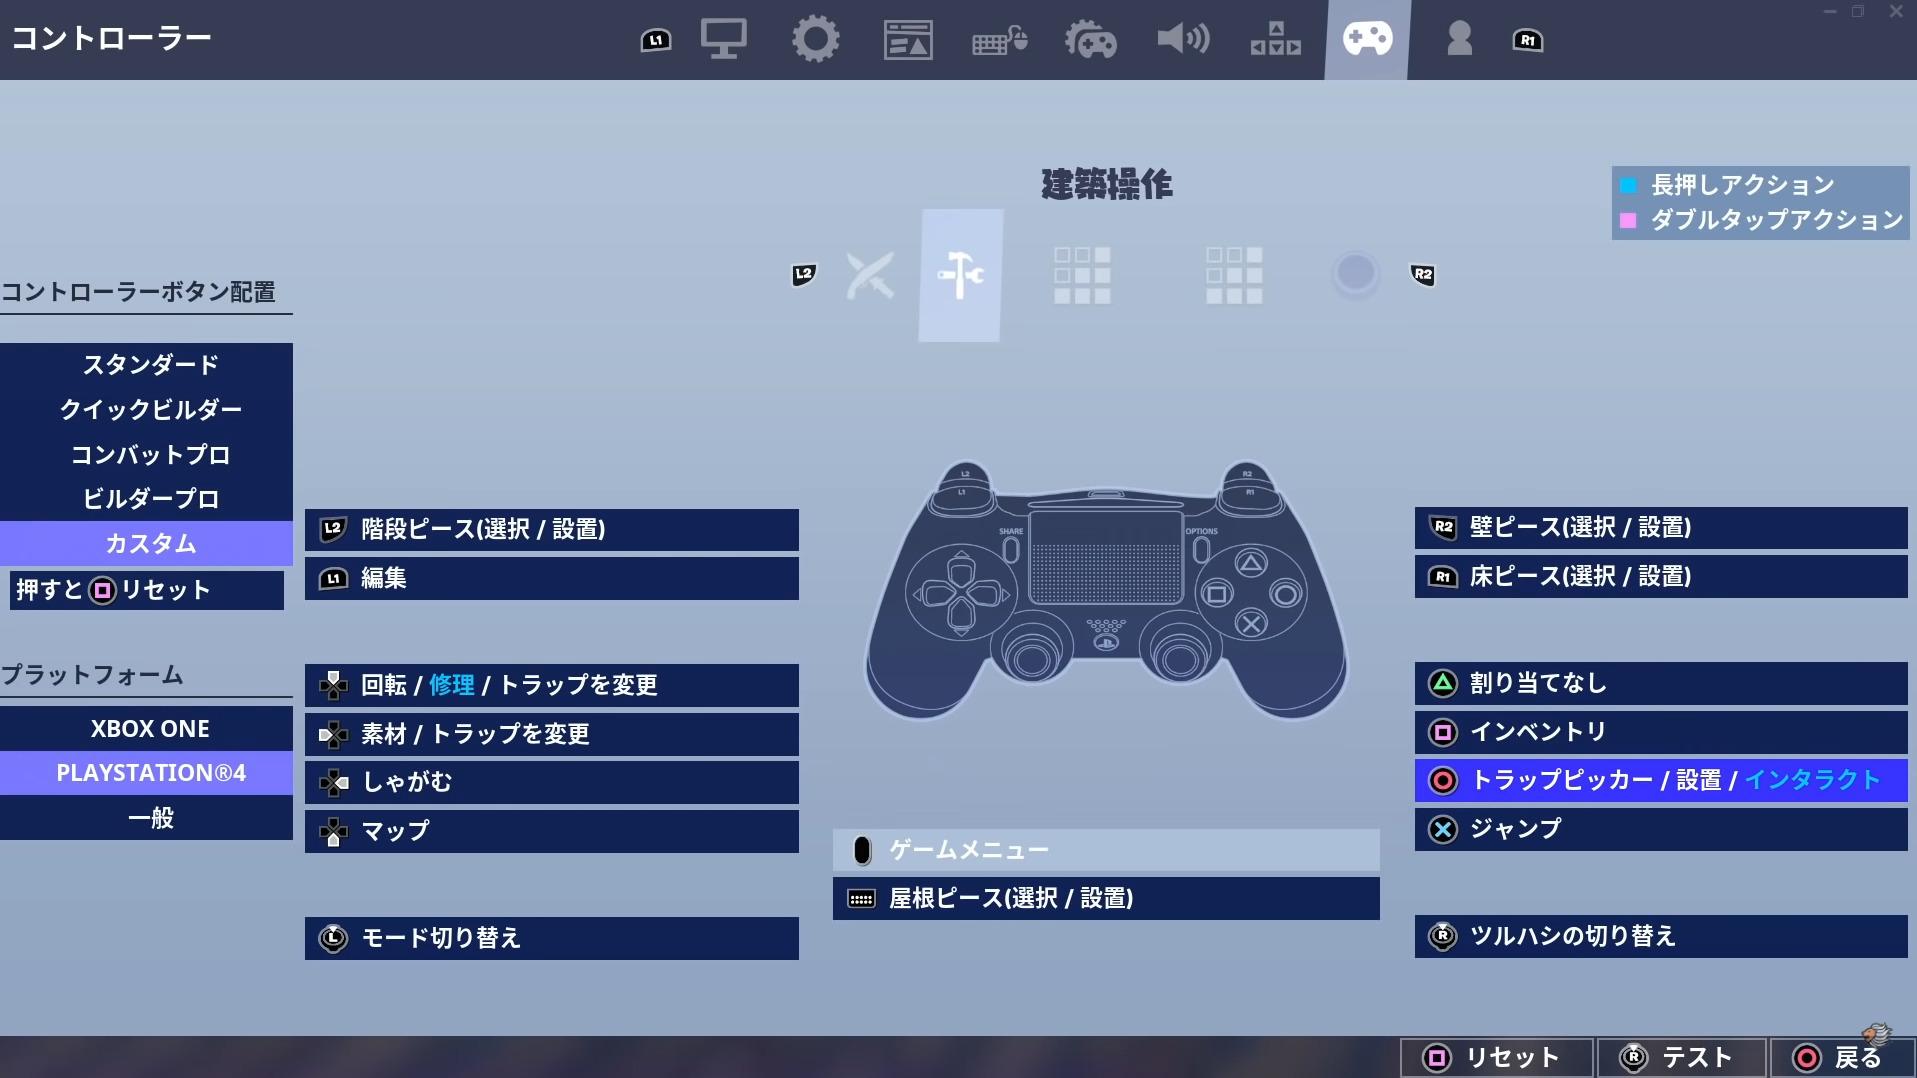 【フォートナイト】Liaqn(りあん) 最新のボタン配置設定・感度設定・デバイス まとめ